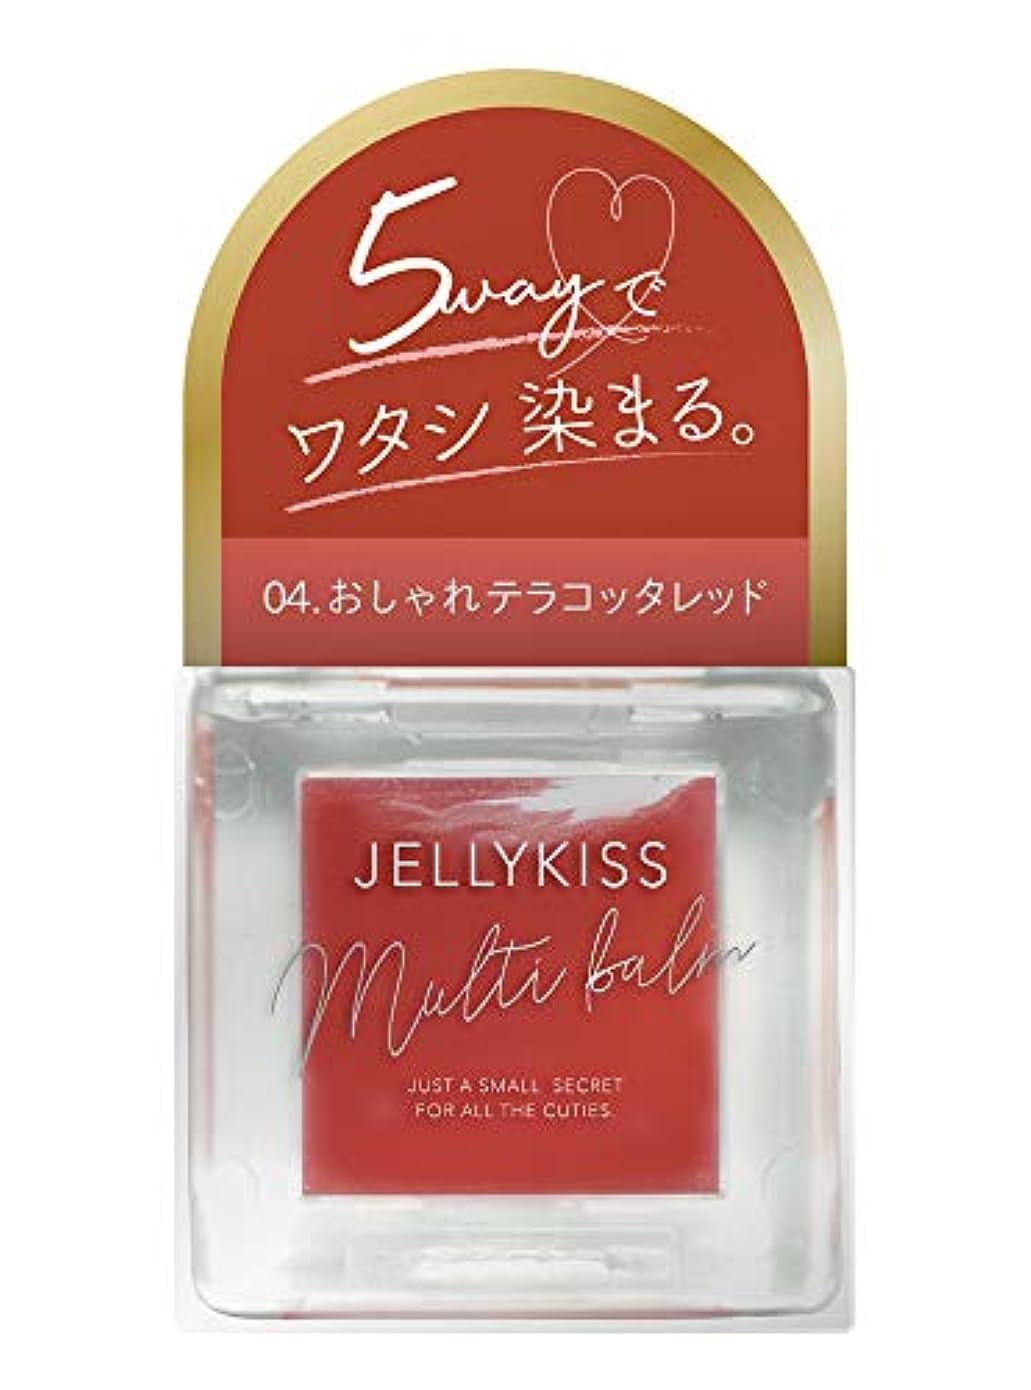 規制毛布リクルートJelly kiss(ジュリキス) ジェリキス マルチバーム 04 テラコッタレッド 口紅 7g